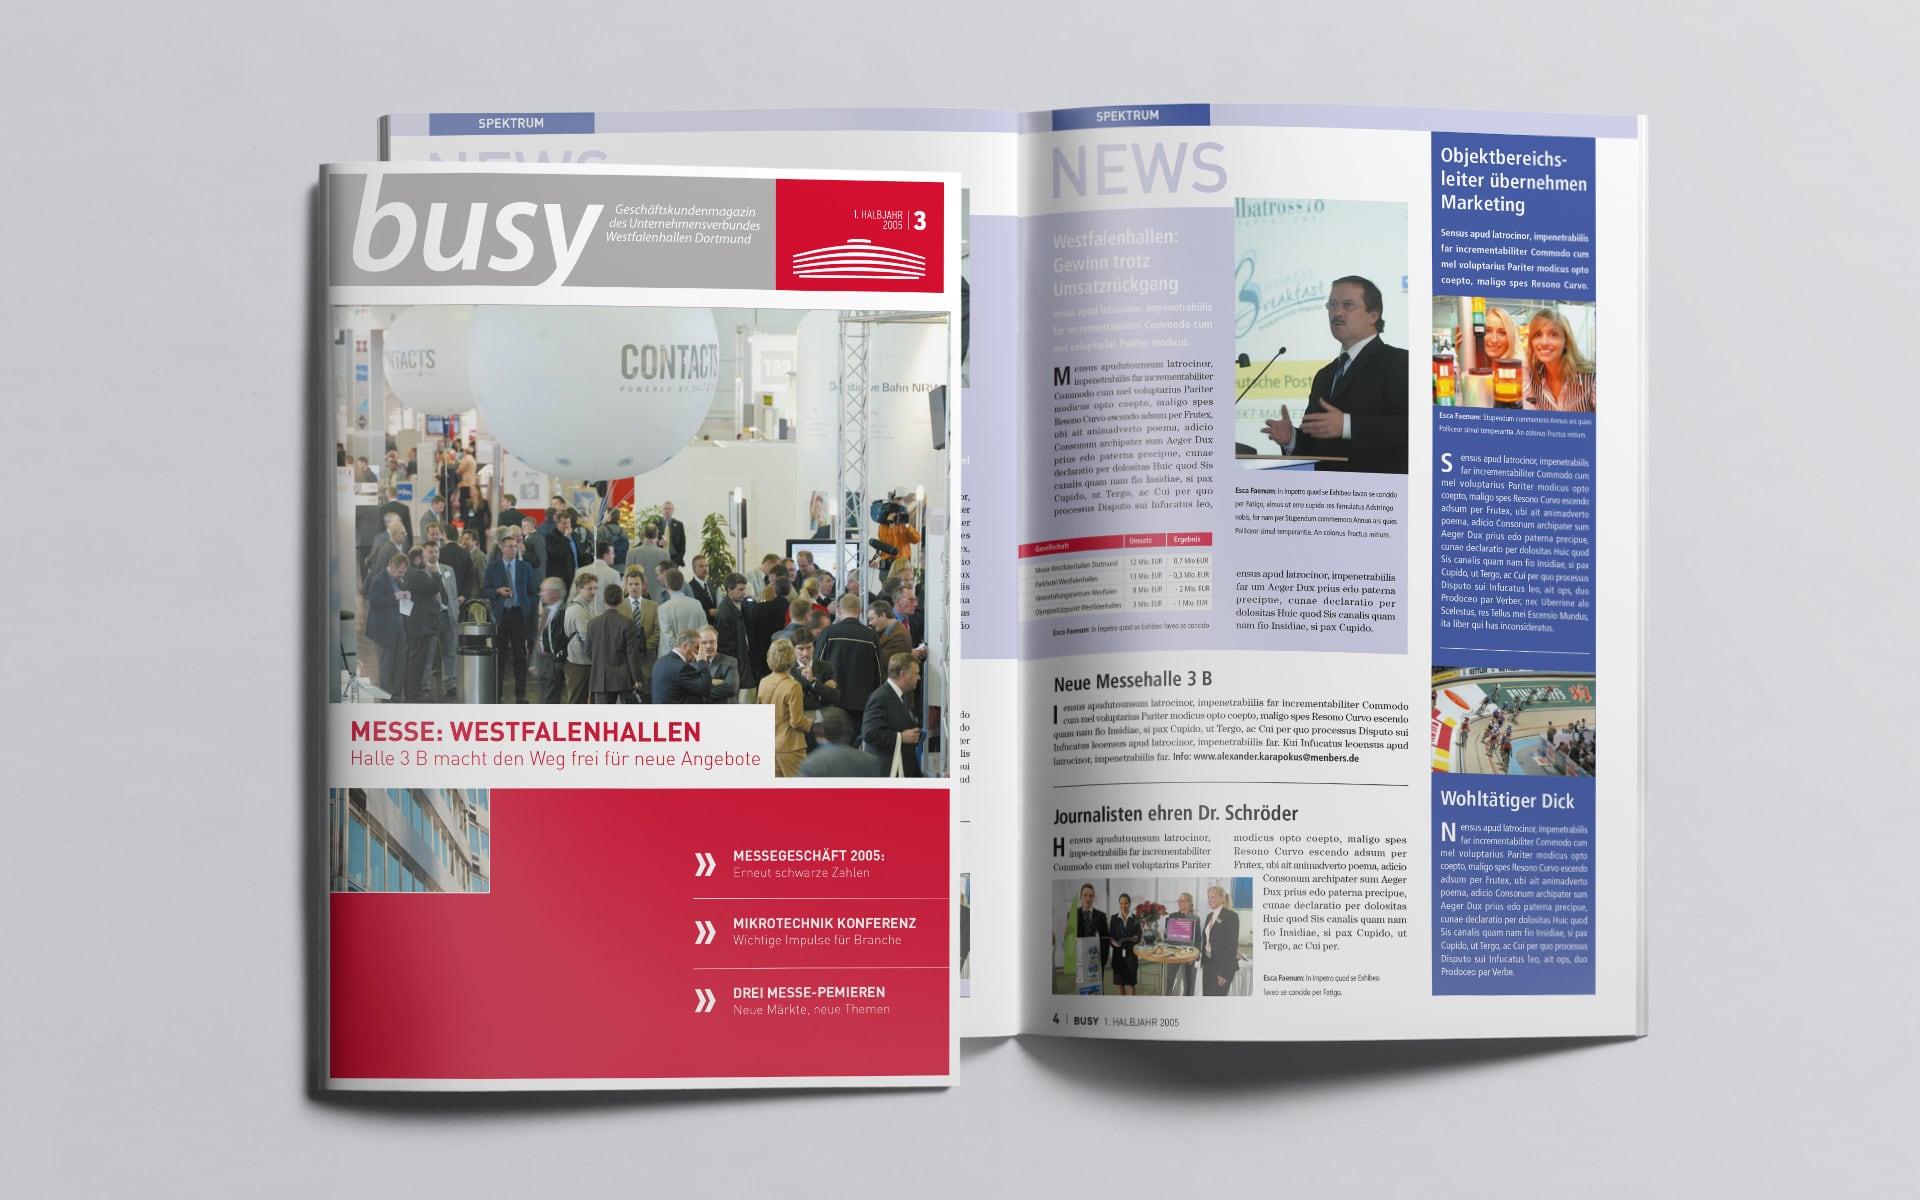 Titel und Inhaltsangabe für das busy Magazin